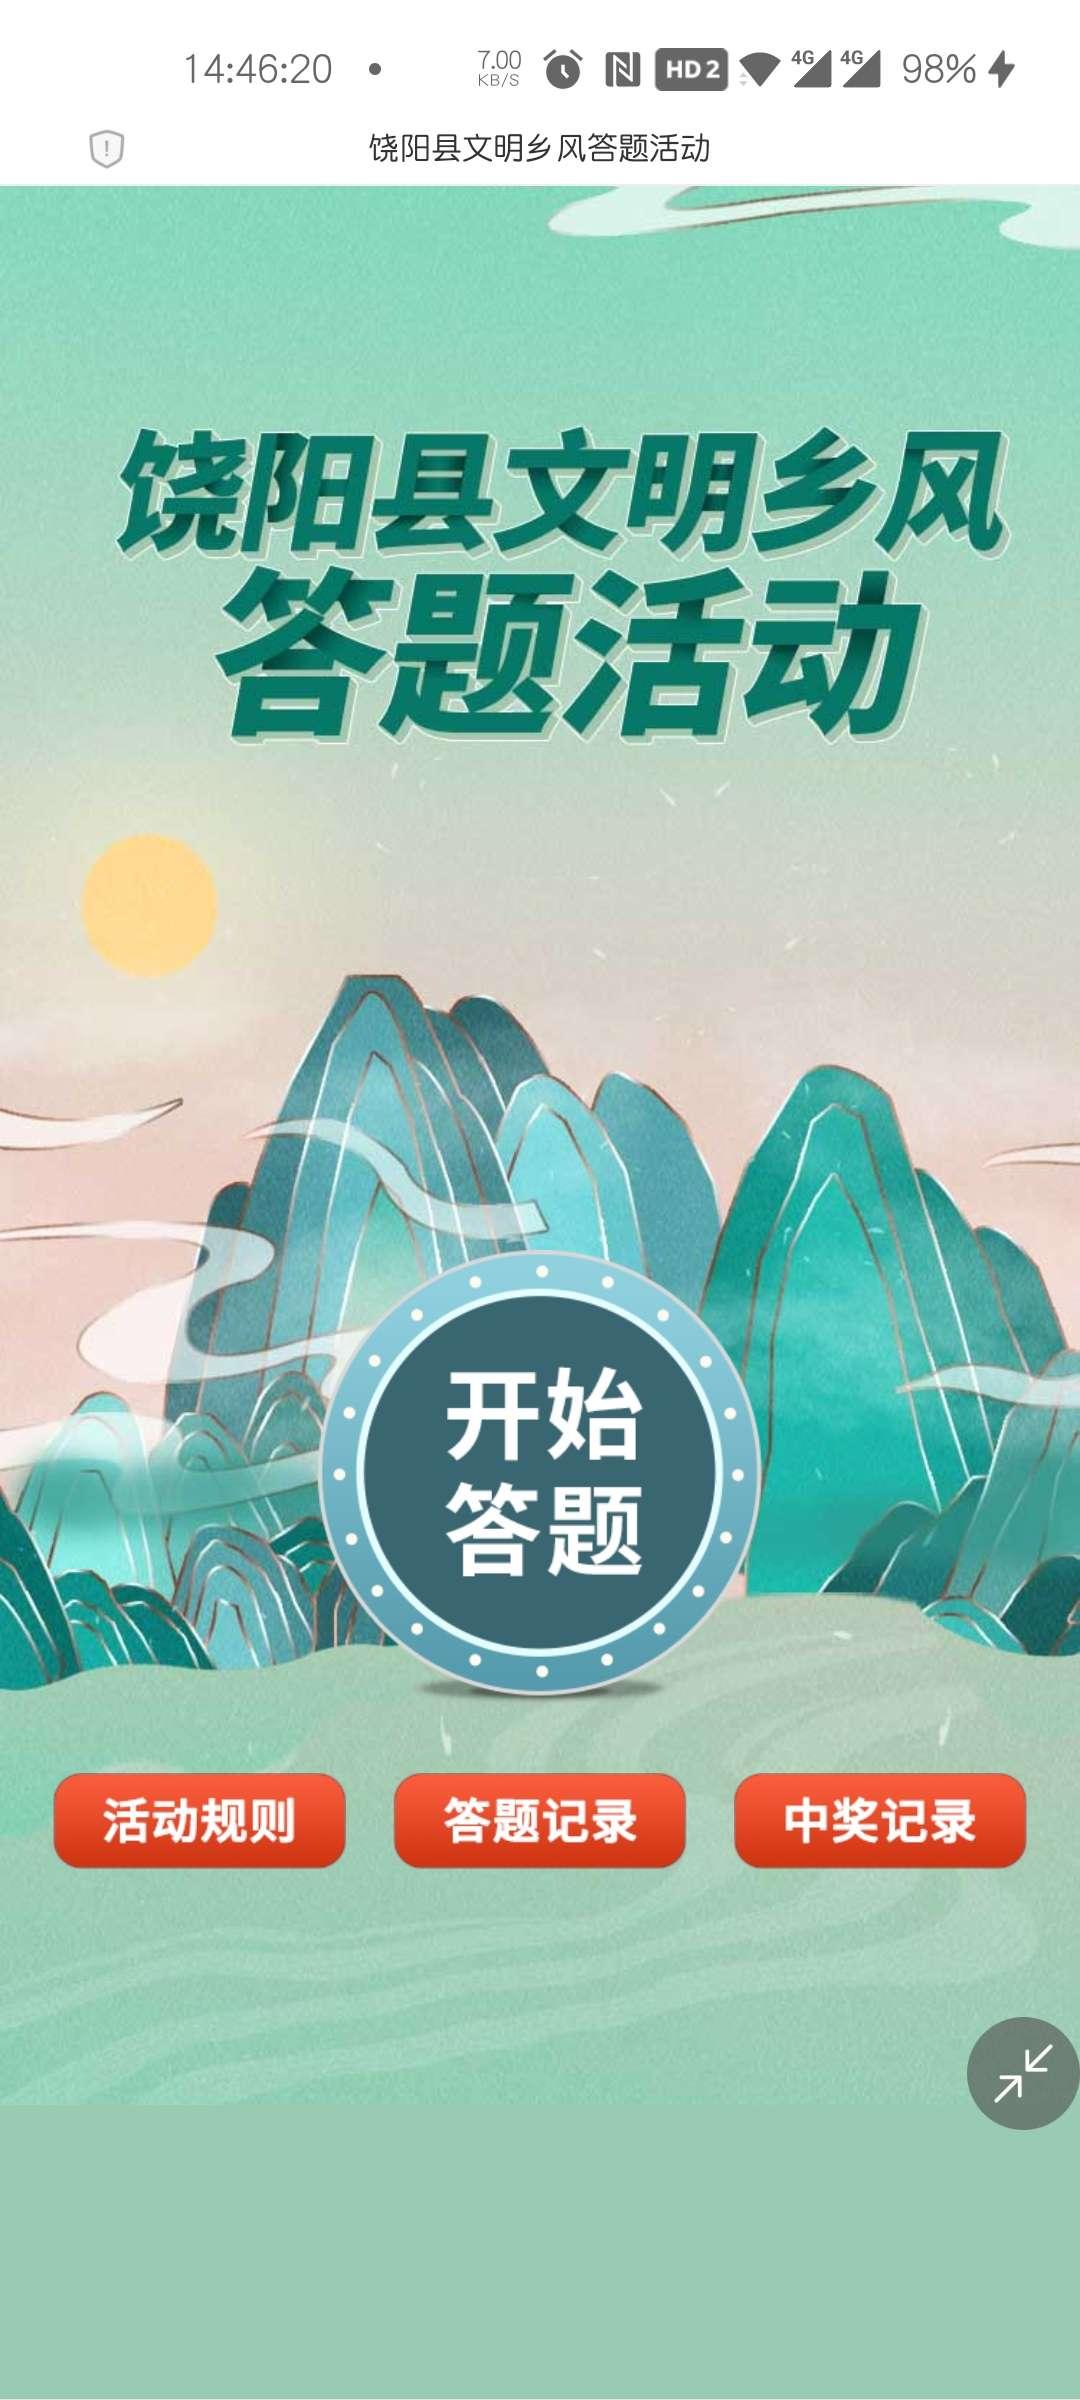 图片[1]-饶阳县文明乡风答题送话费-老友薅羊毛活动线报网